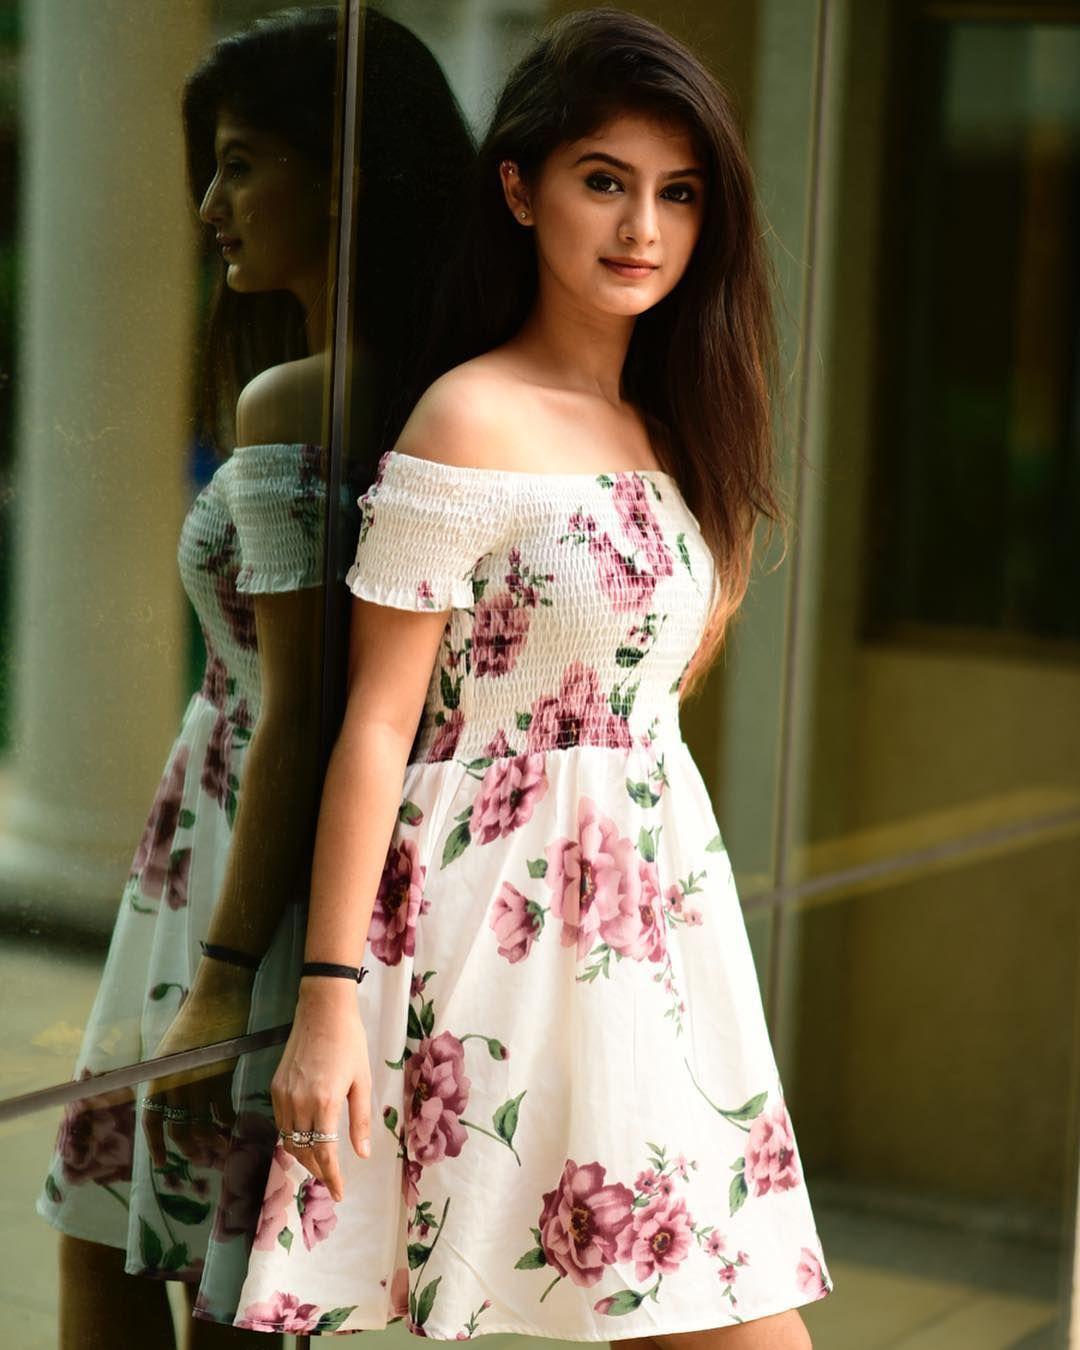 Avneet Kaur, Arishfa Khan, Jannat Zubair's Stunning Off-Shoulder Outfits Will Give You A Sexy Look! 1